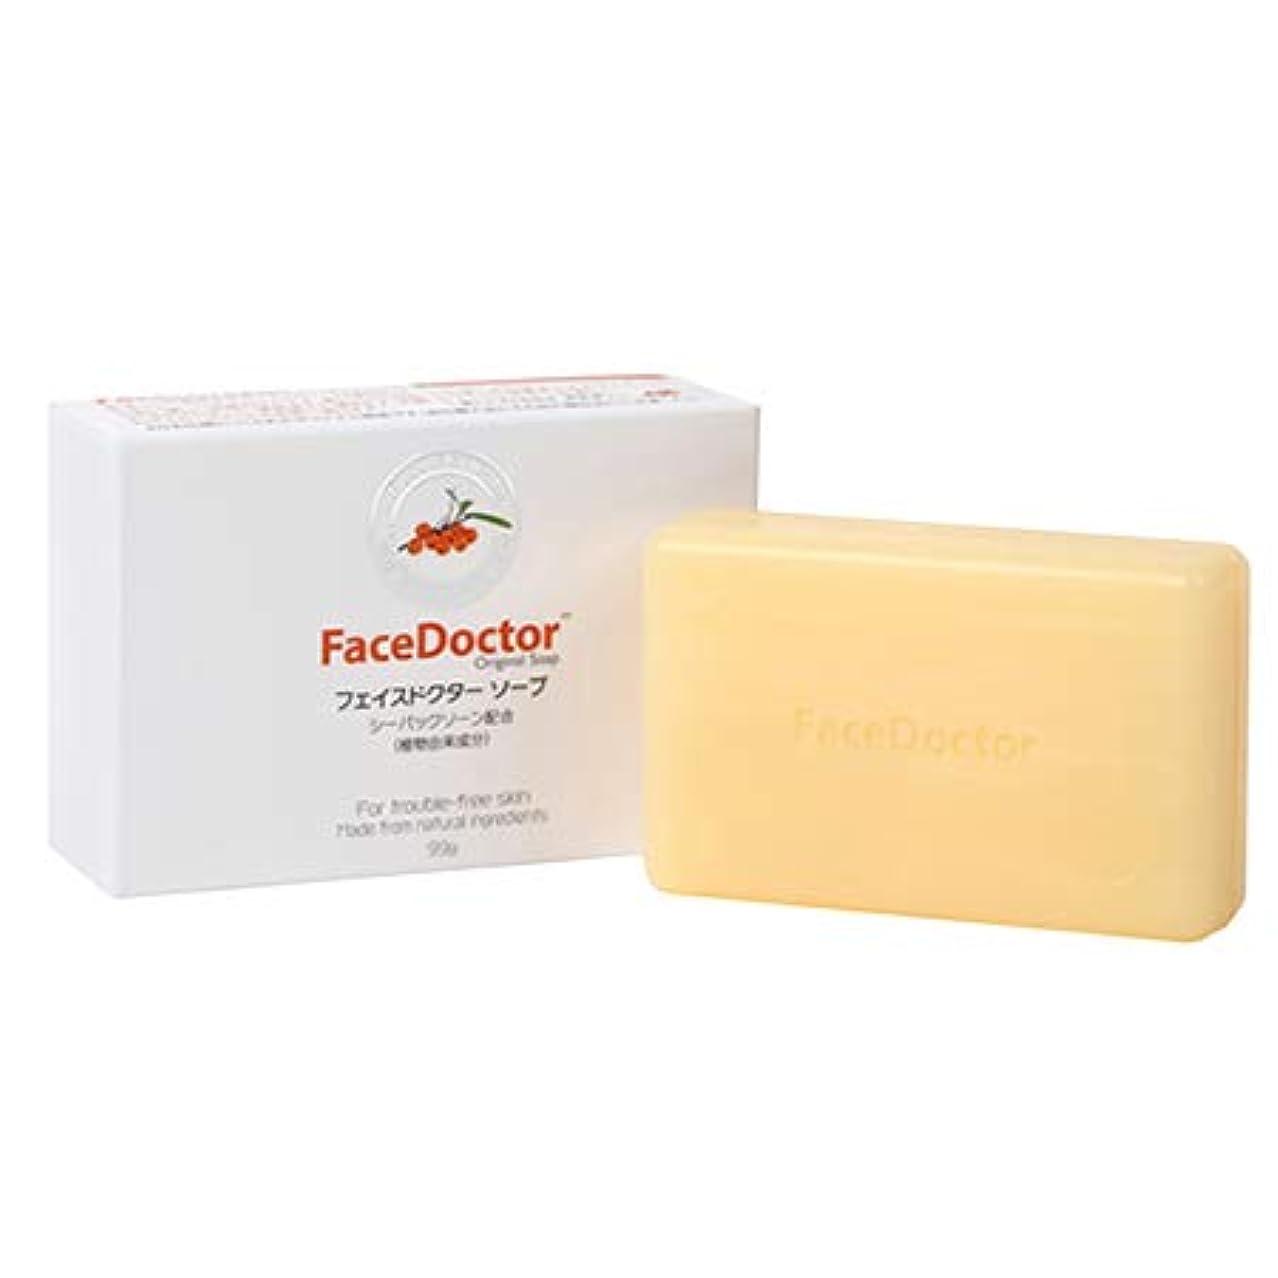 レビュー万一に備えて居間顔ダニ石鹸 FaceDoctor フェイスドクター ソープ 国内正規品